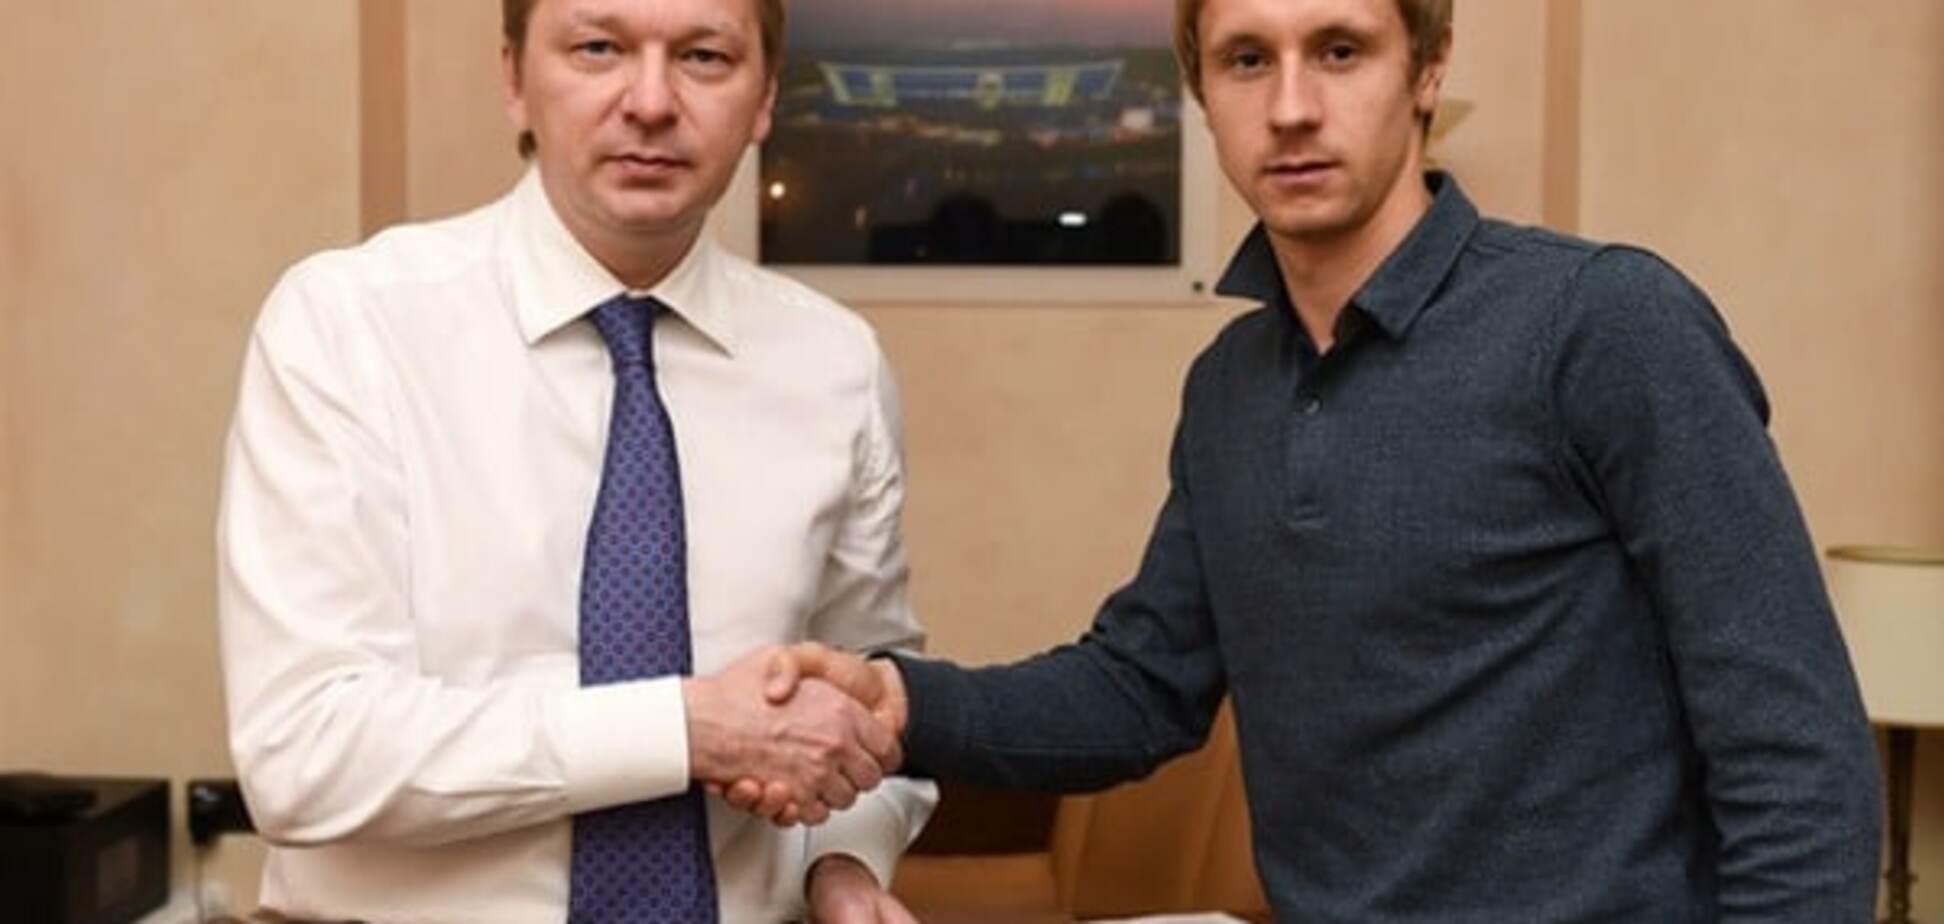 Официально: 'Шахтер' подписал долгосрочный контракт с футболистом сборной Украины